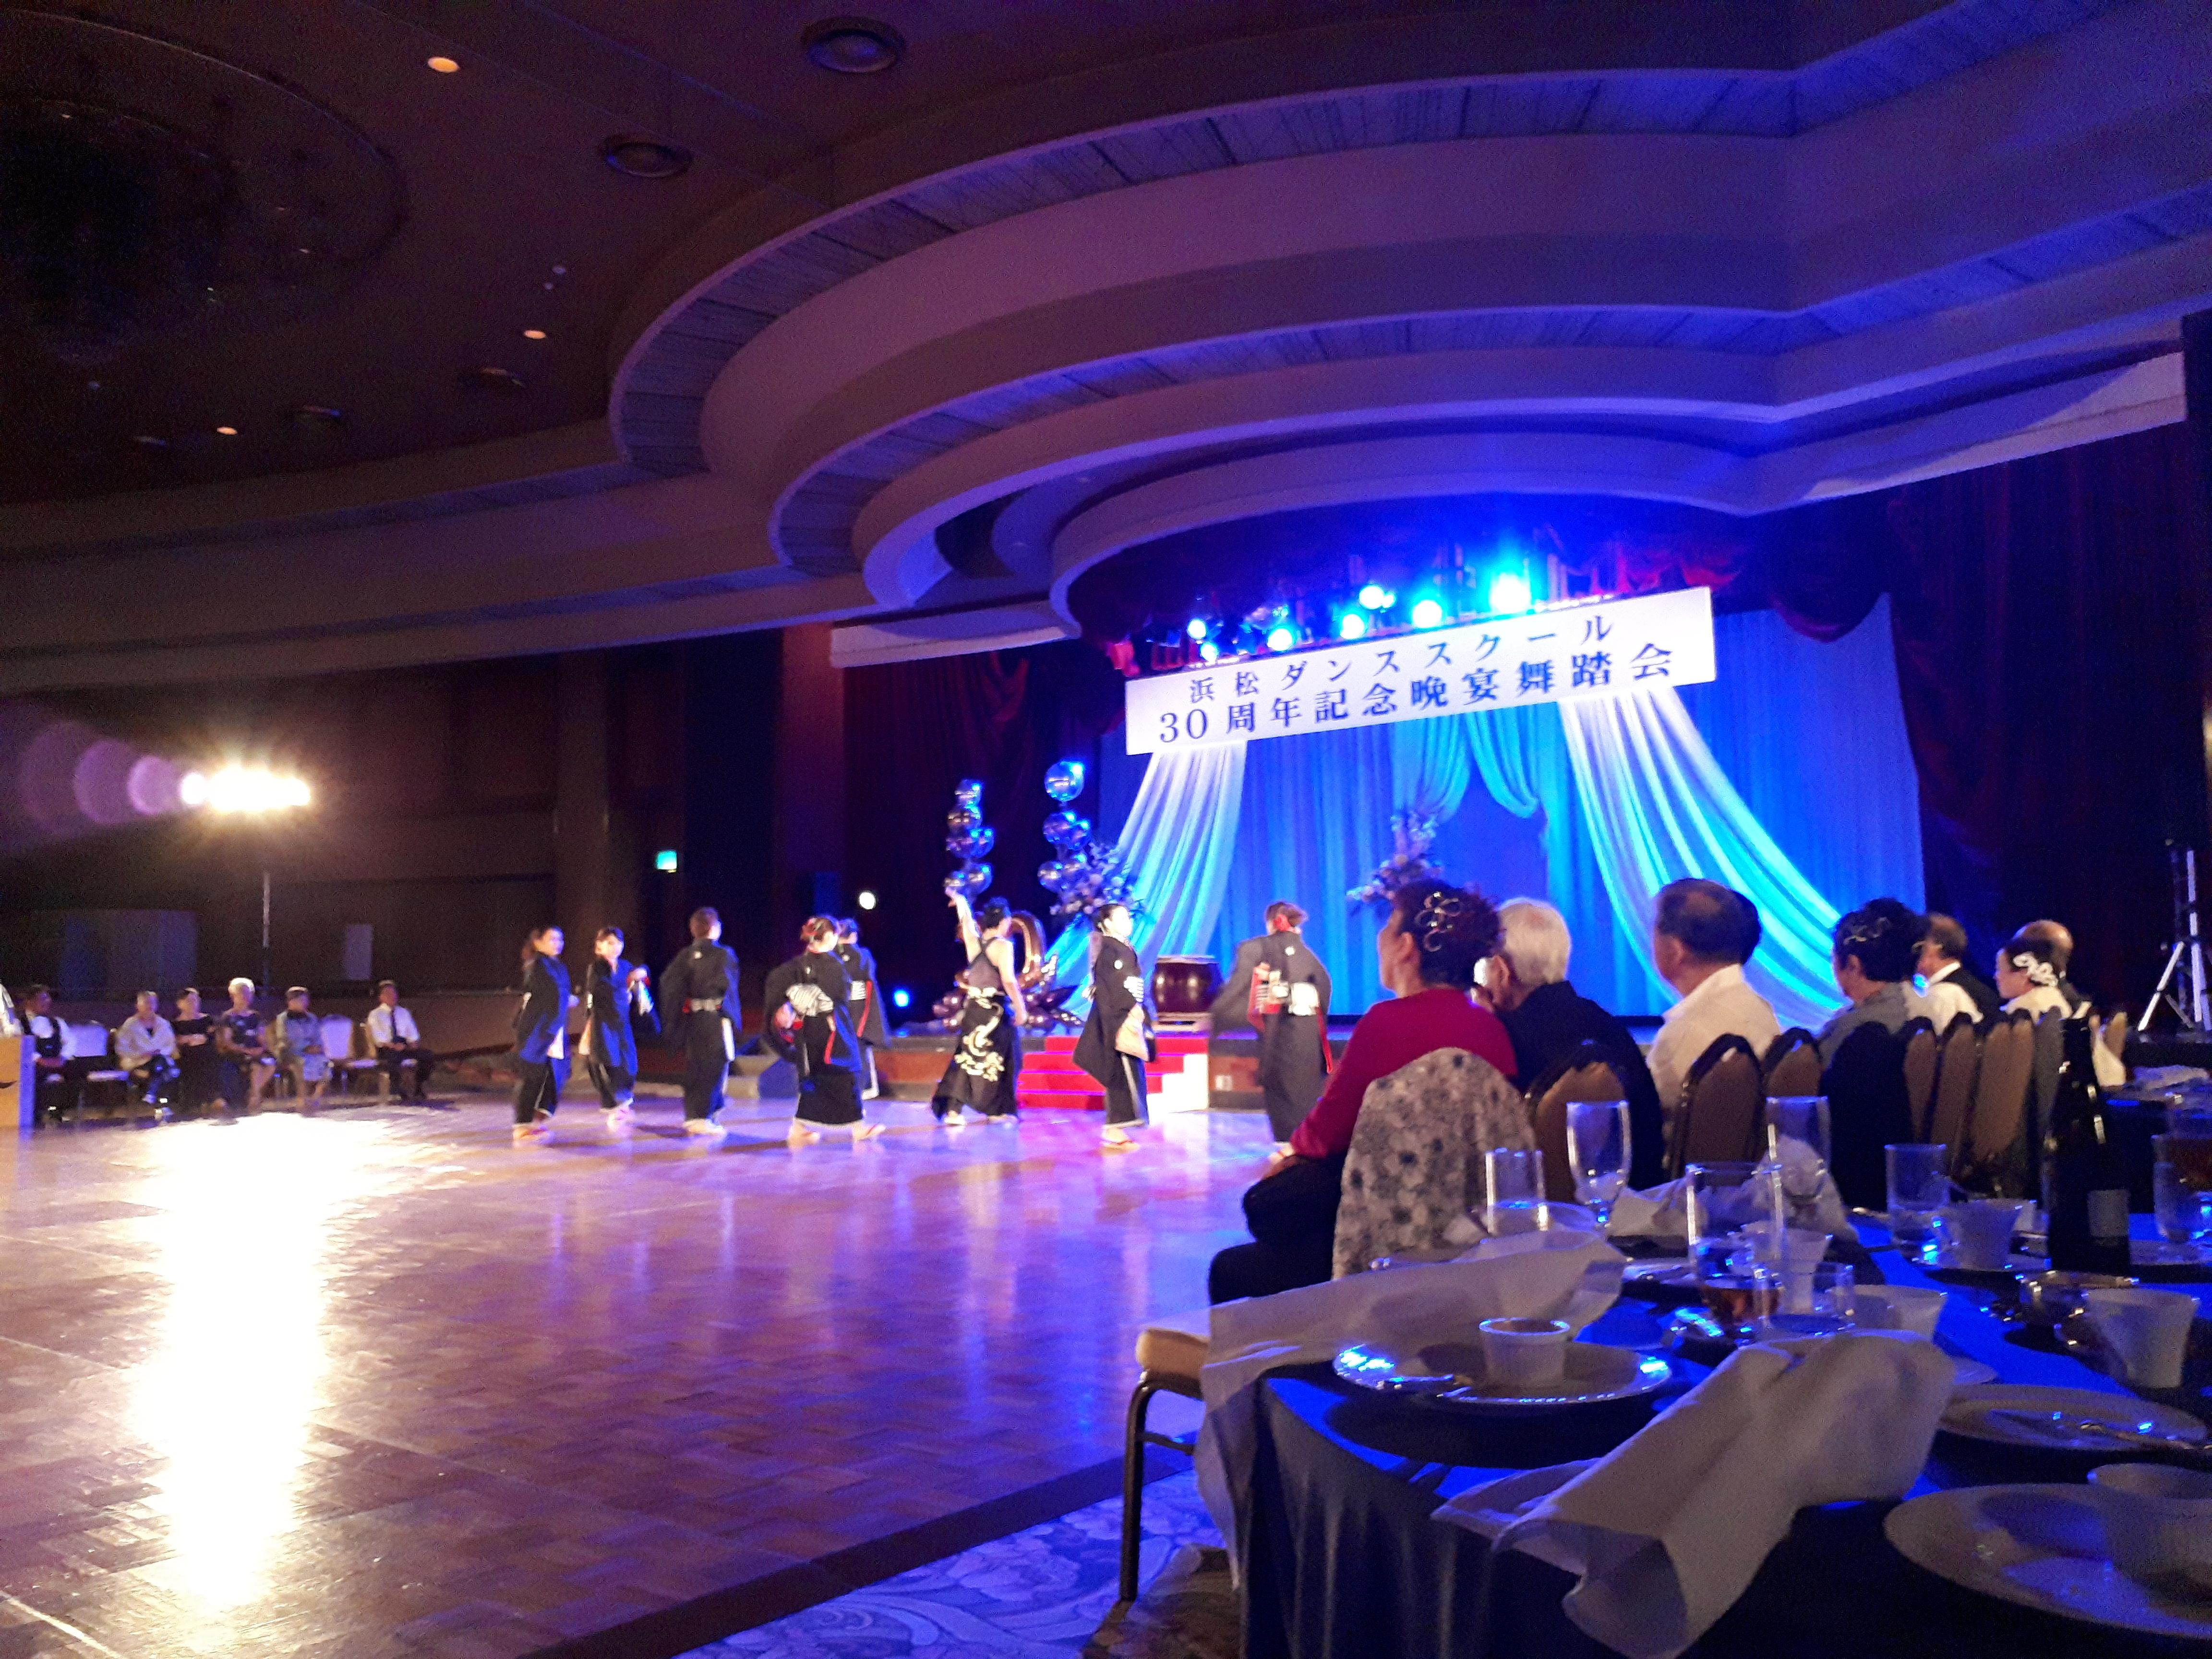 浜松ダンススクール30周年記念パーティー